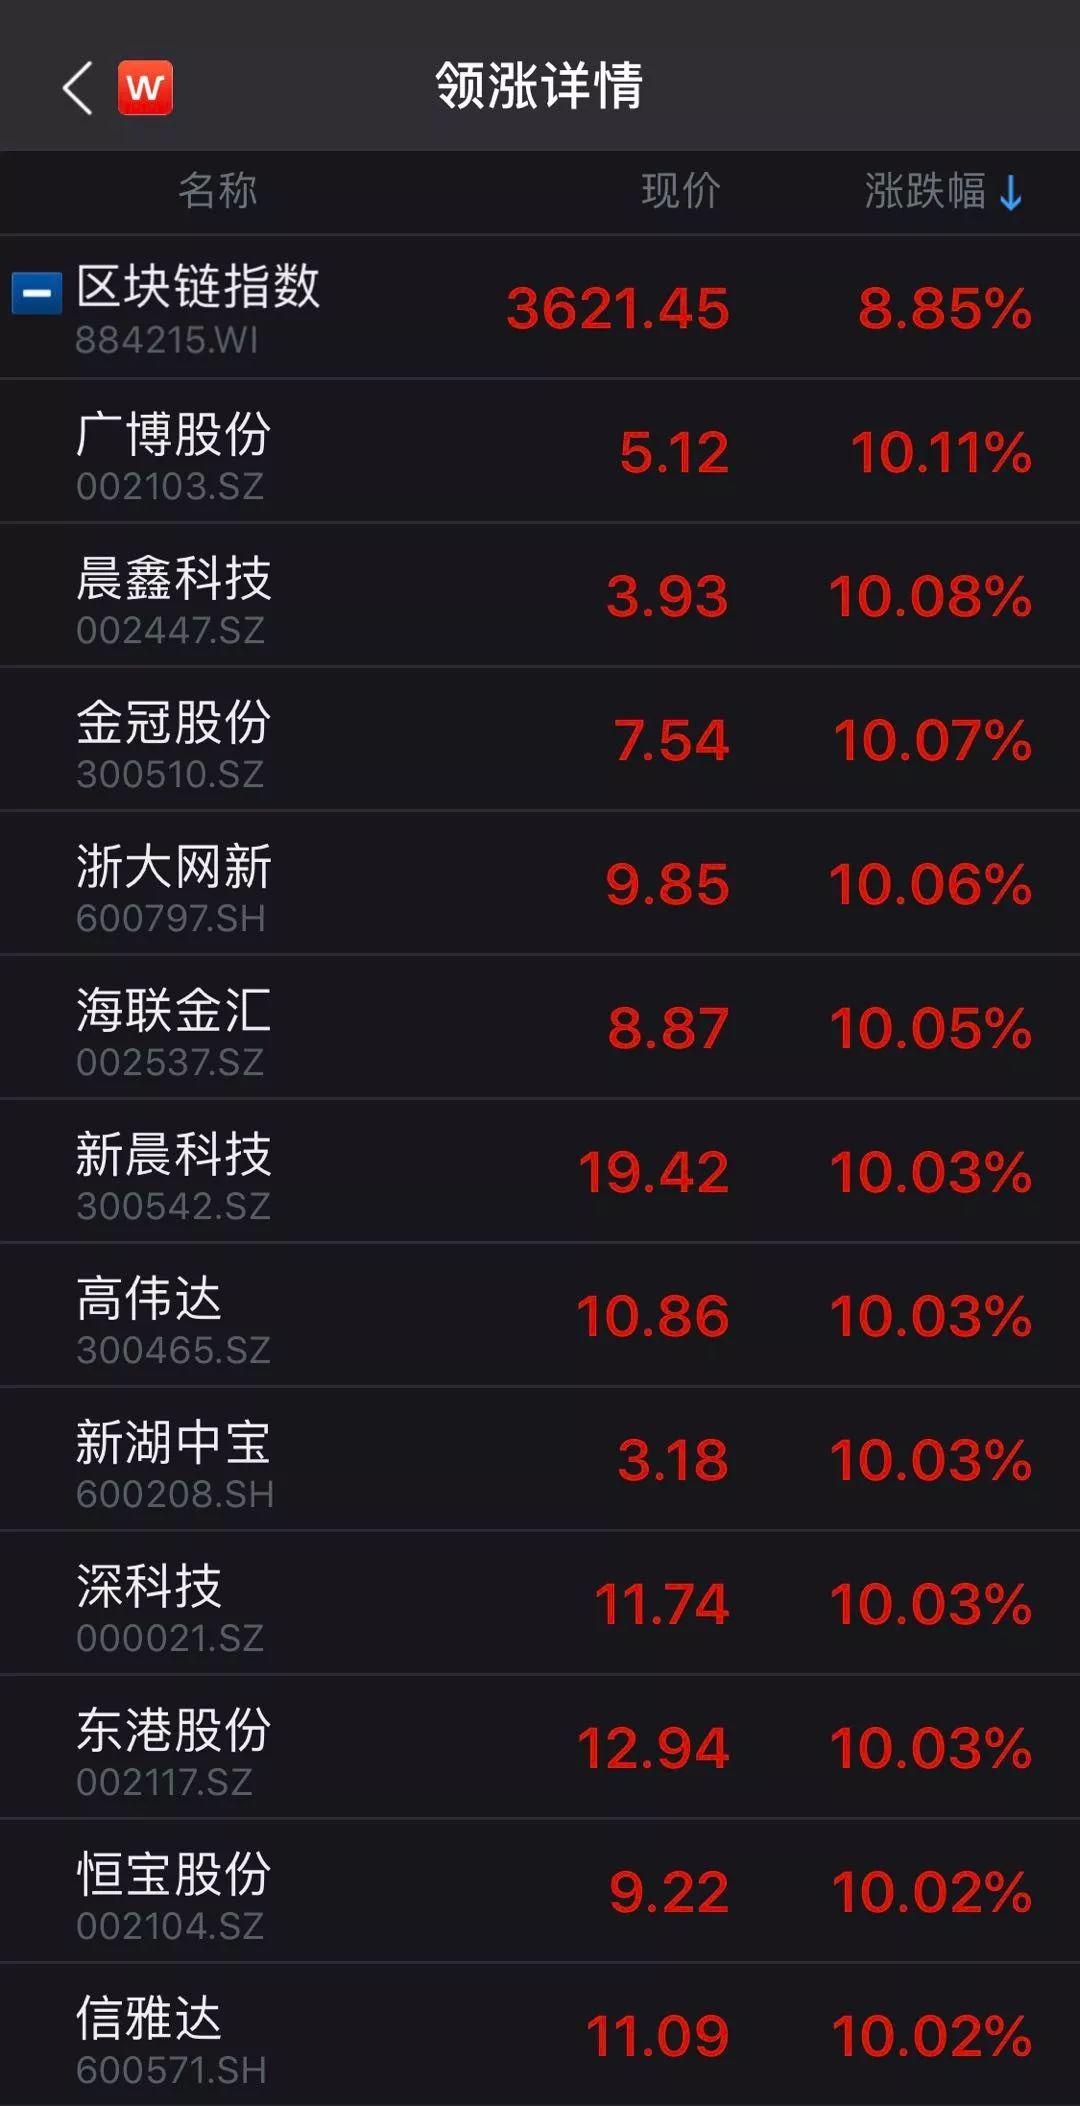 凯时ag最新旗舰厅下载 潍坊一中学校长、党委书记对违规发放津贴问题长期不整改被通报